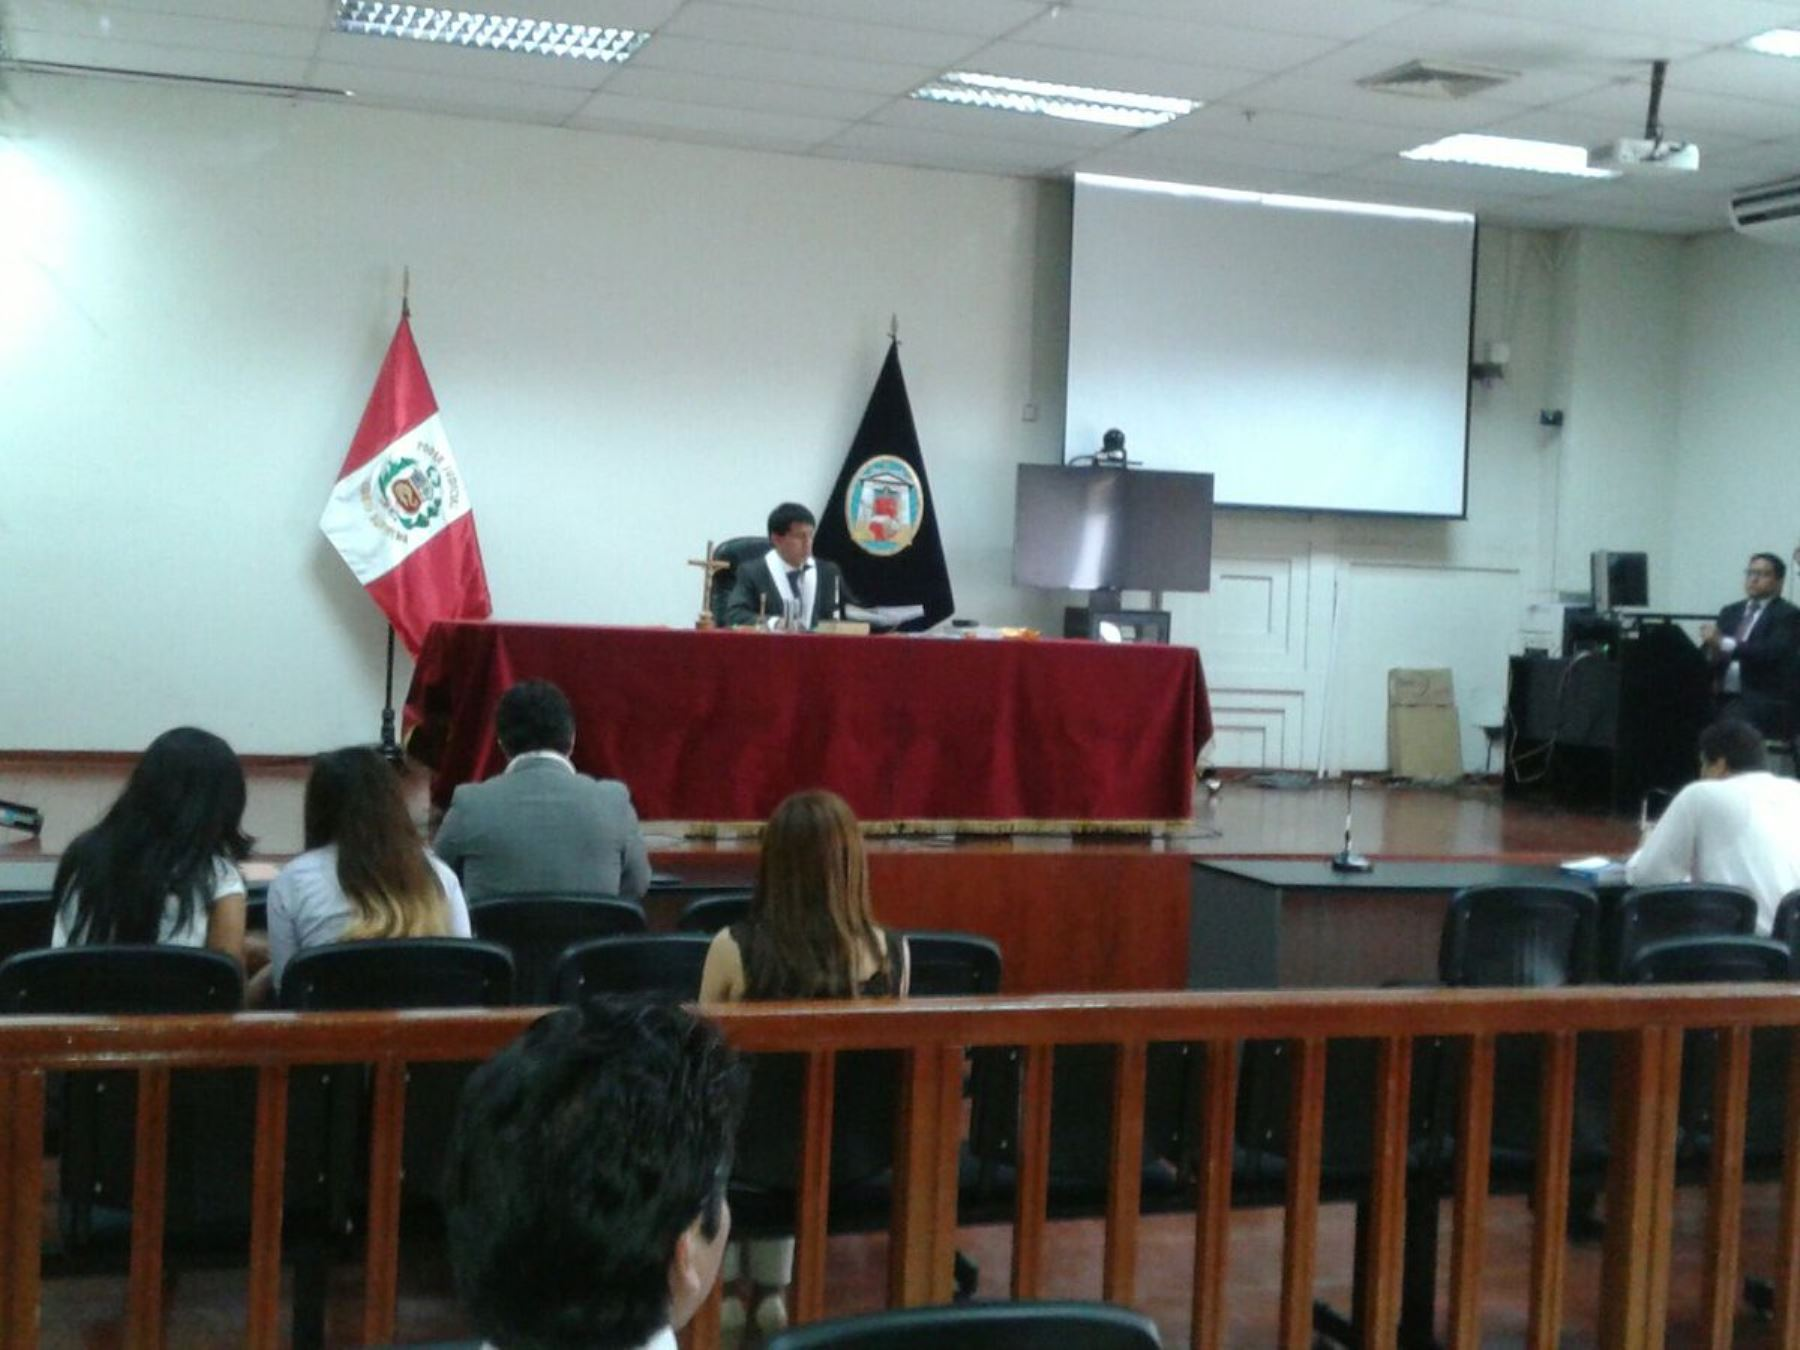 El juez Richard Concepción realiza audiencia de prisión preventiva contra ex viceministro de Comunicaciones Jorge Cuba Hidalgo. Difusión